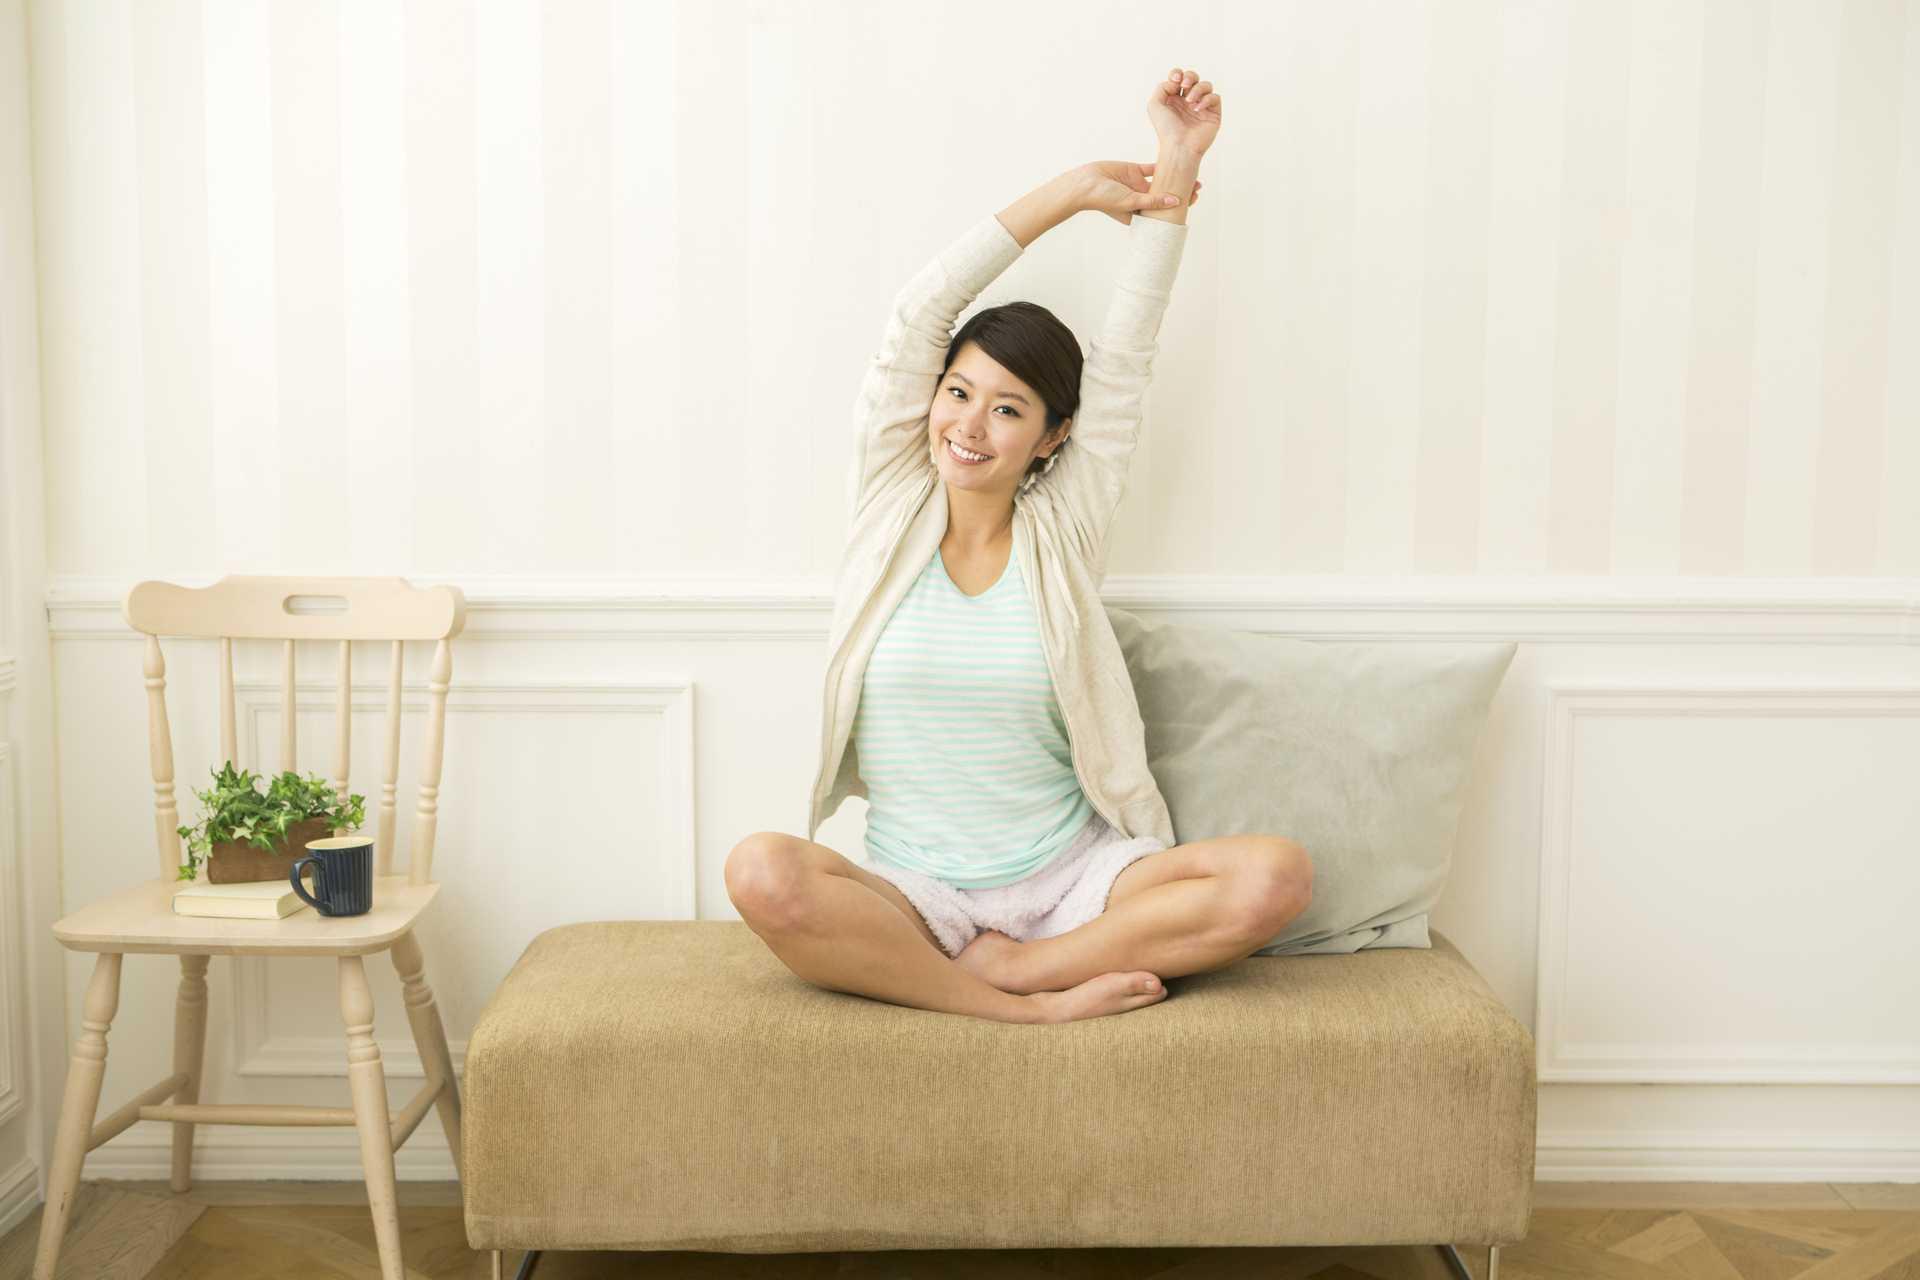 服からくるストレスは、大きい。 | のんびり気楽に生きる30の心の習慣